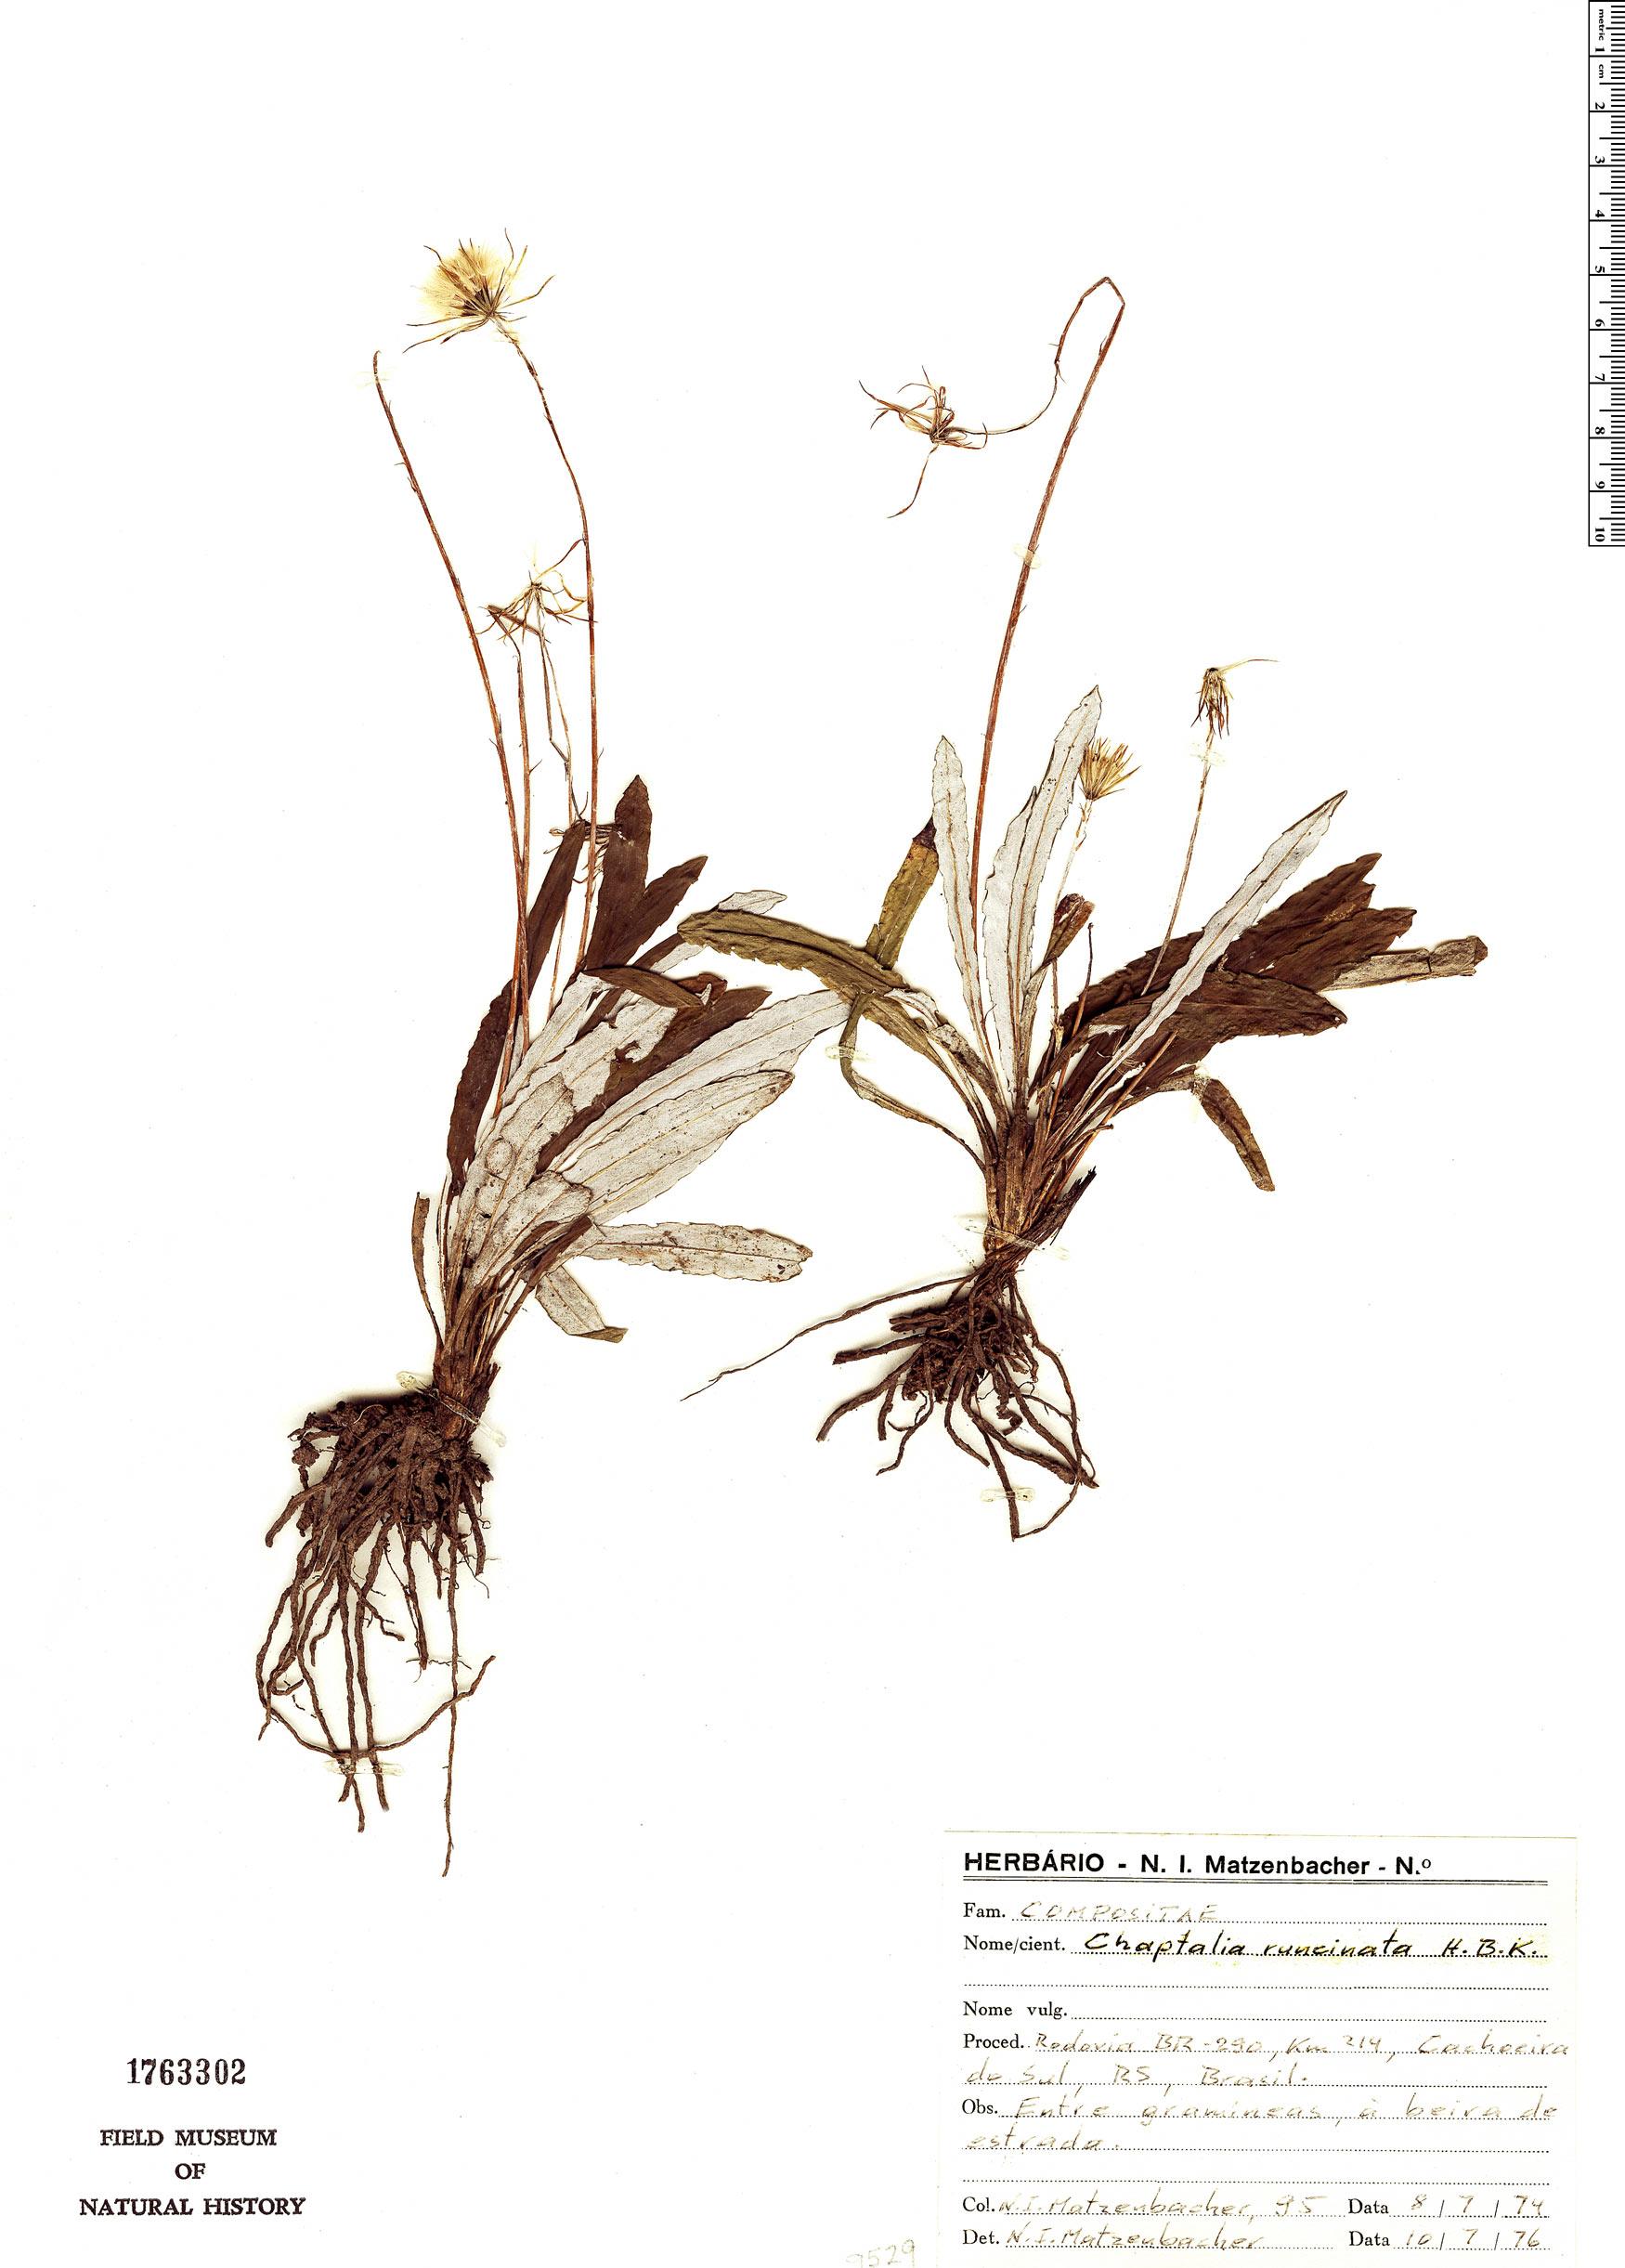 Specimen: Chaptalia runcinata